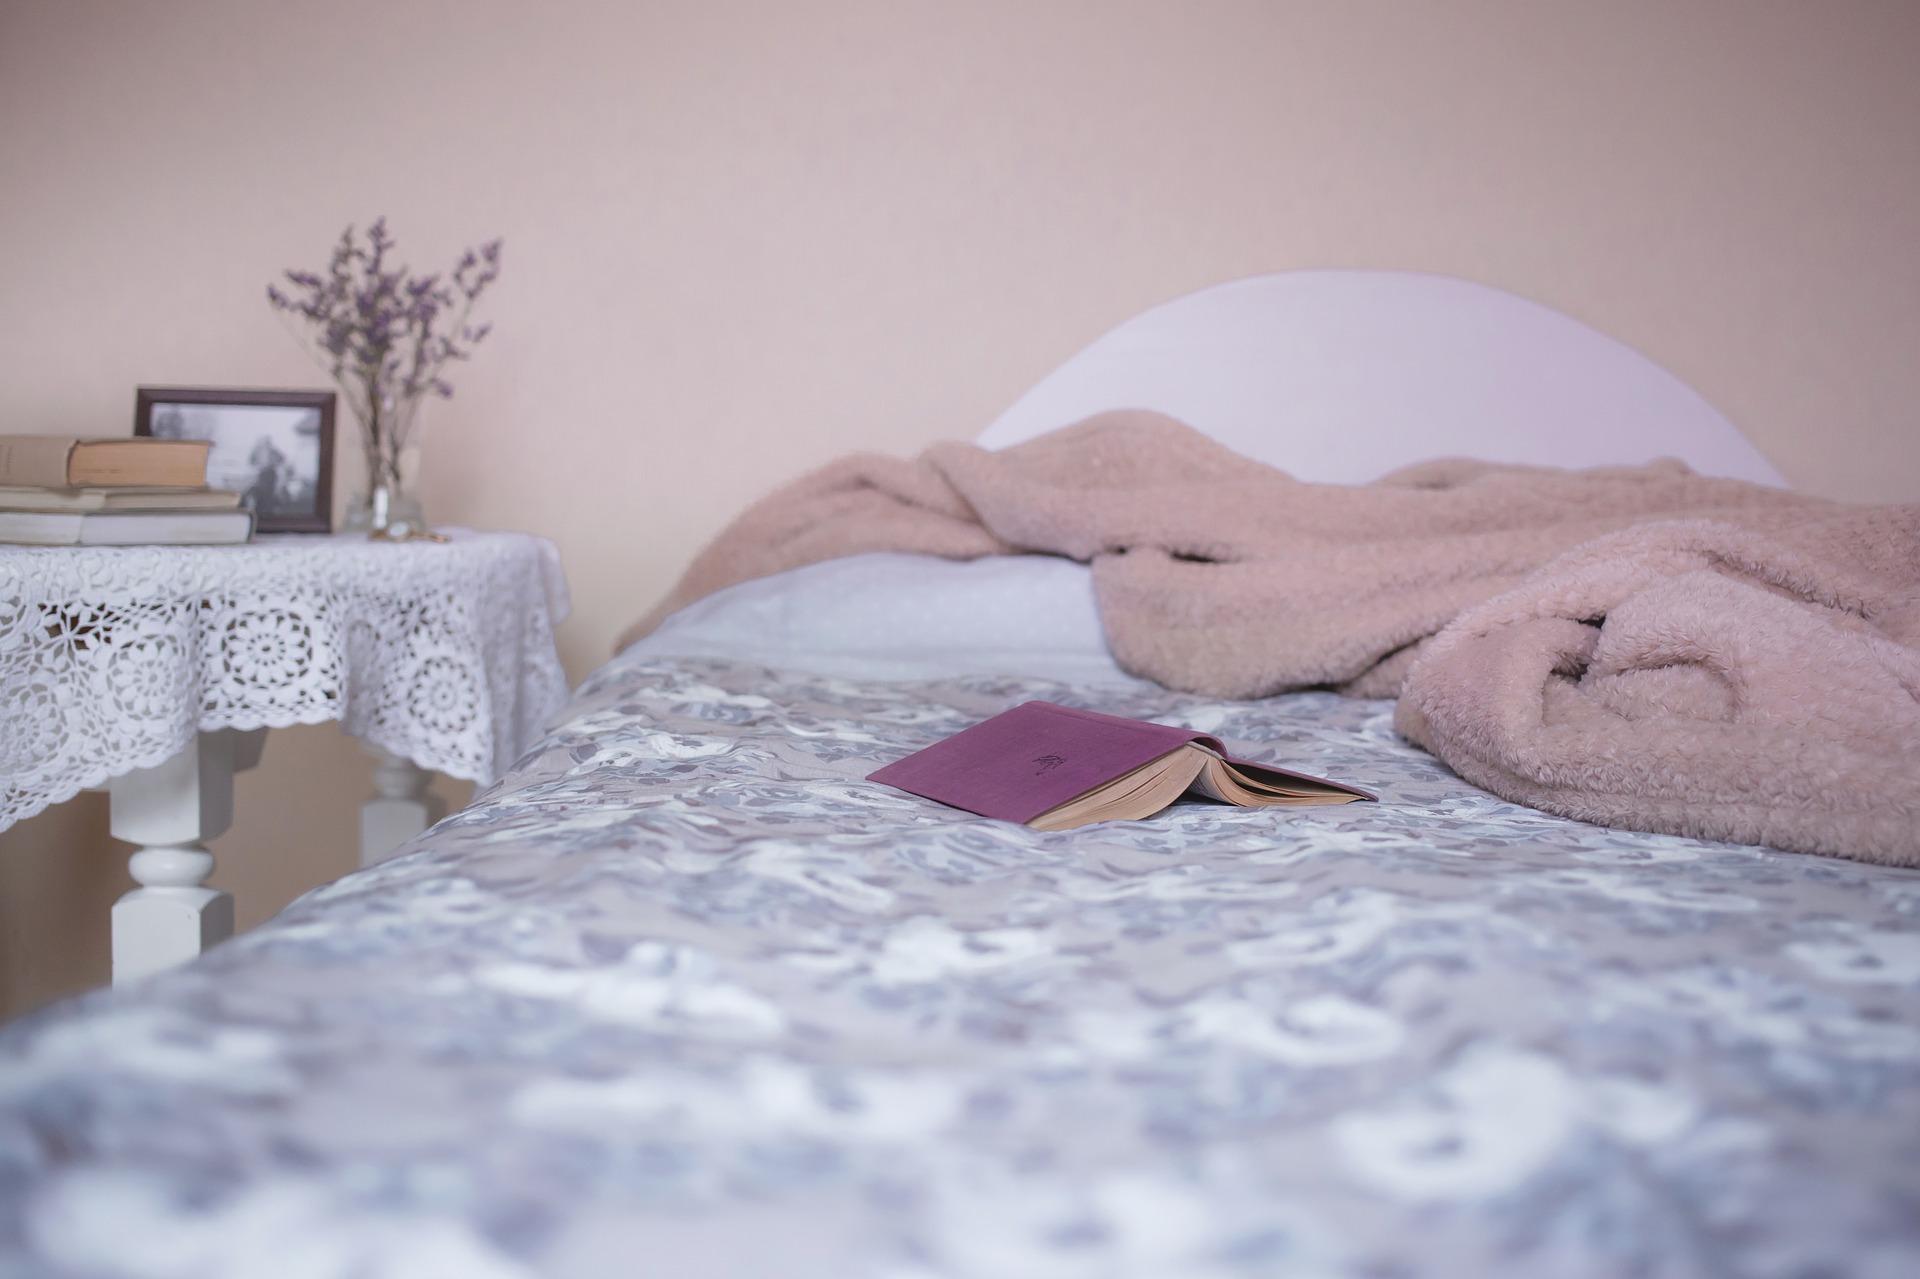 Diferencias entre dormir y descansar